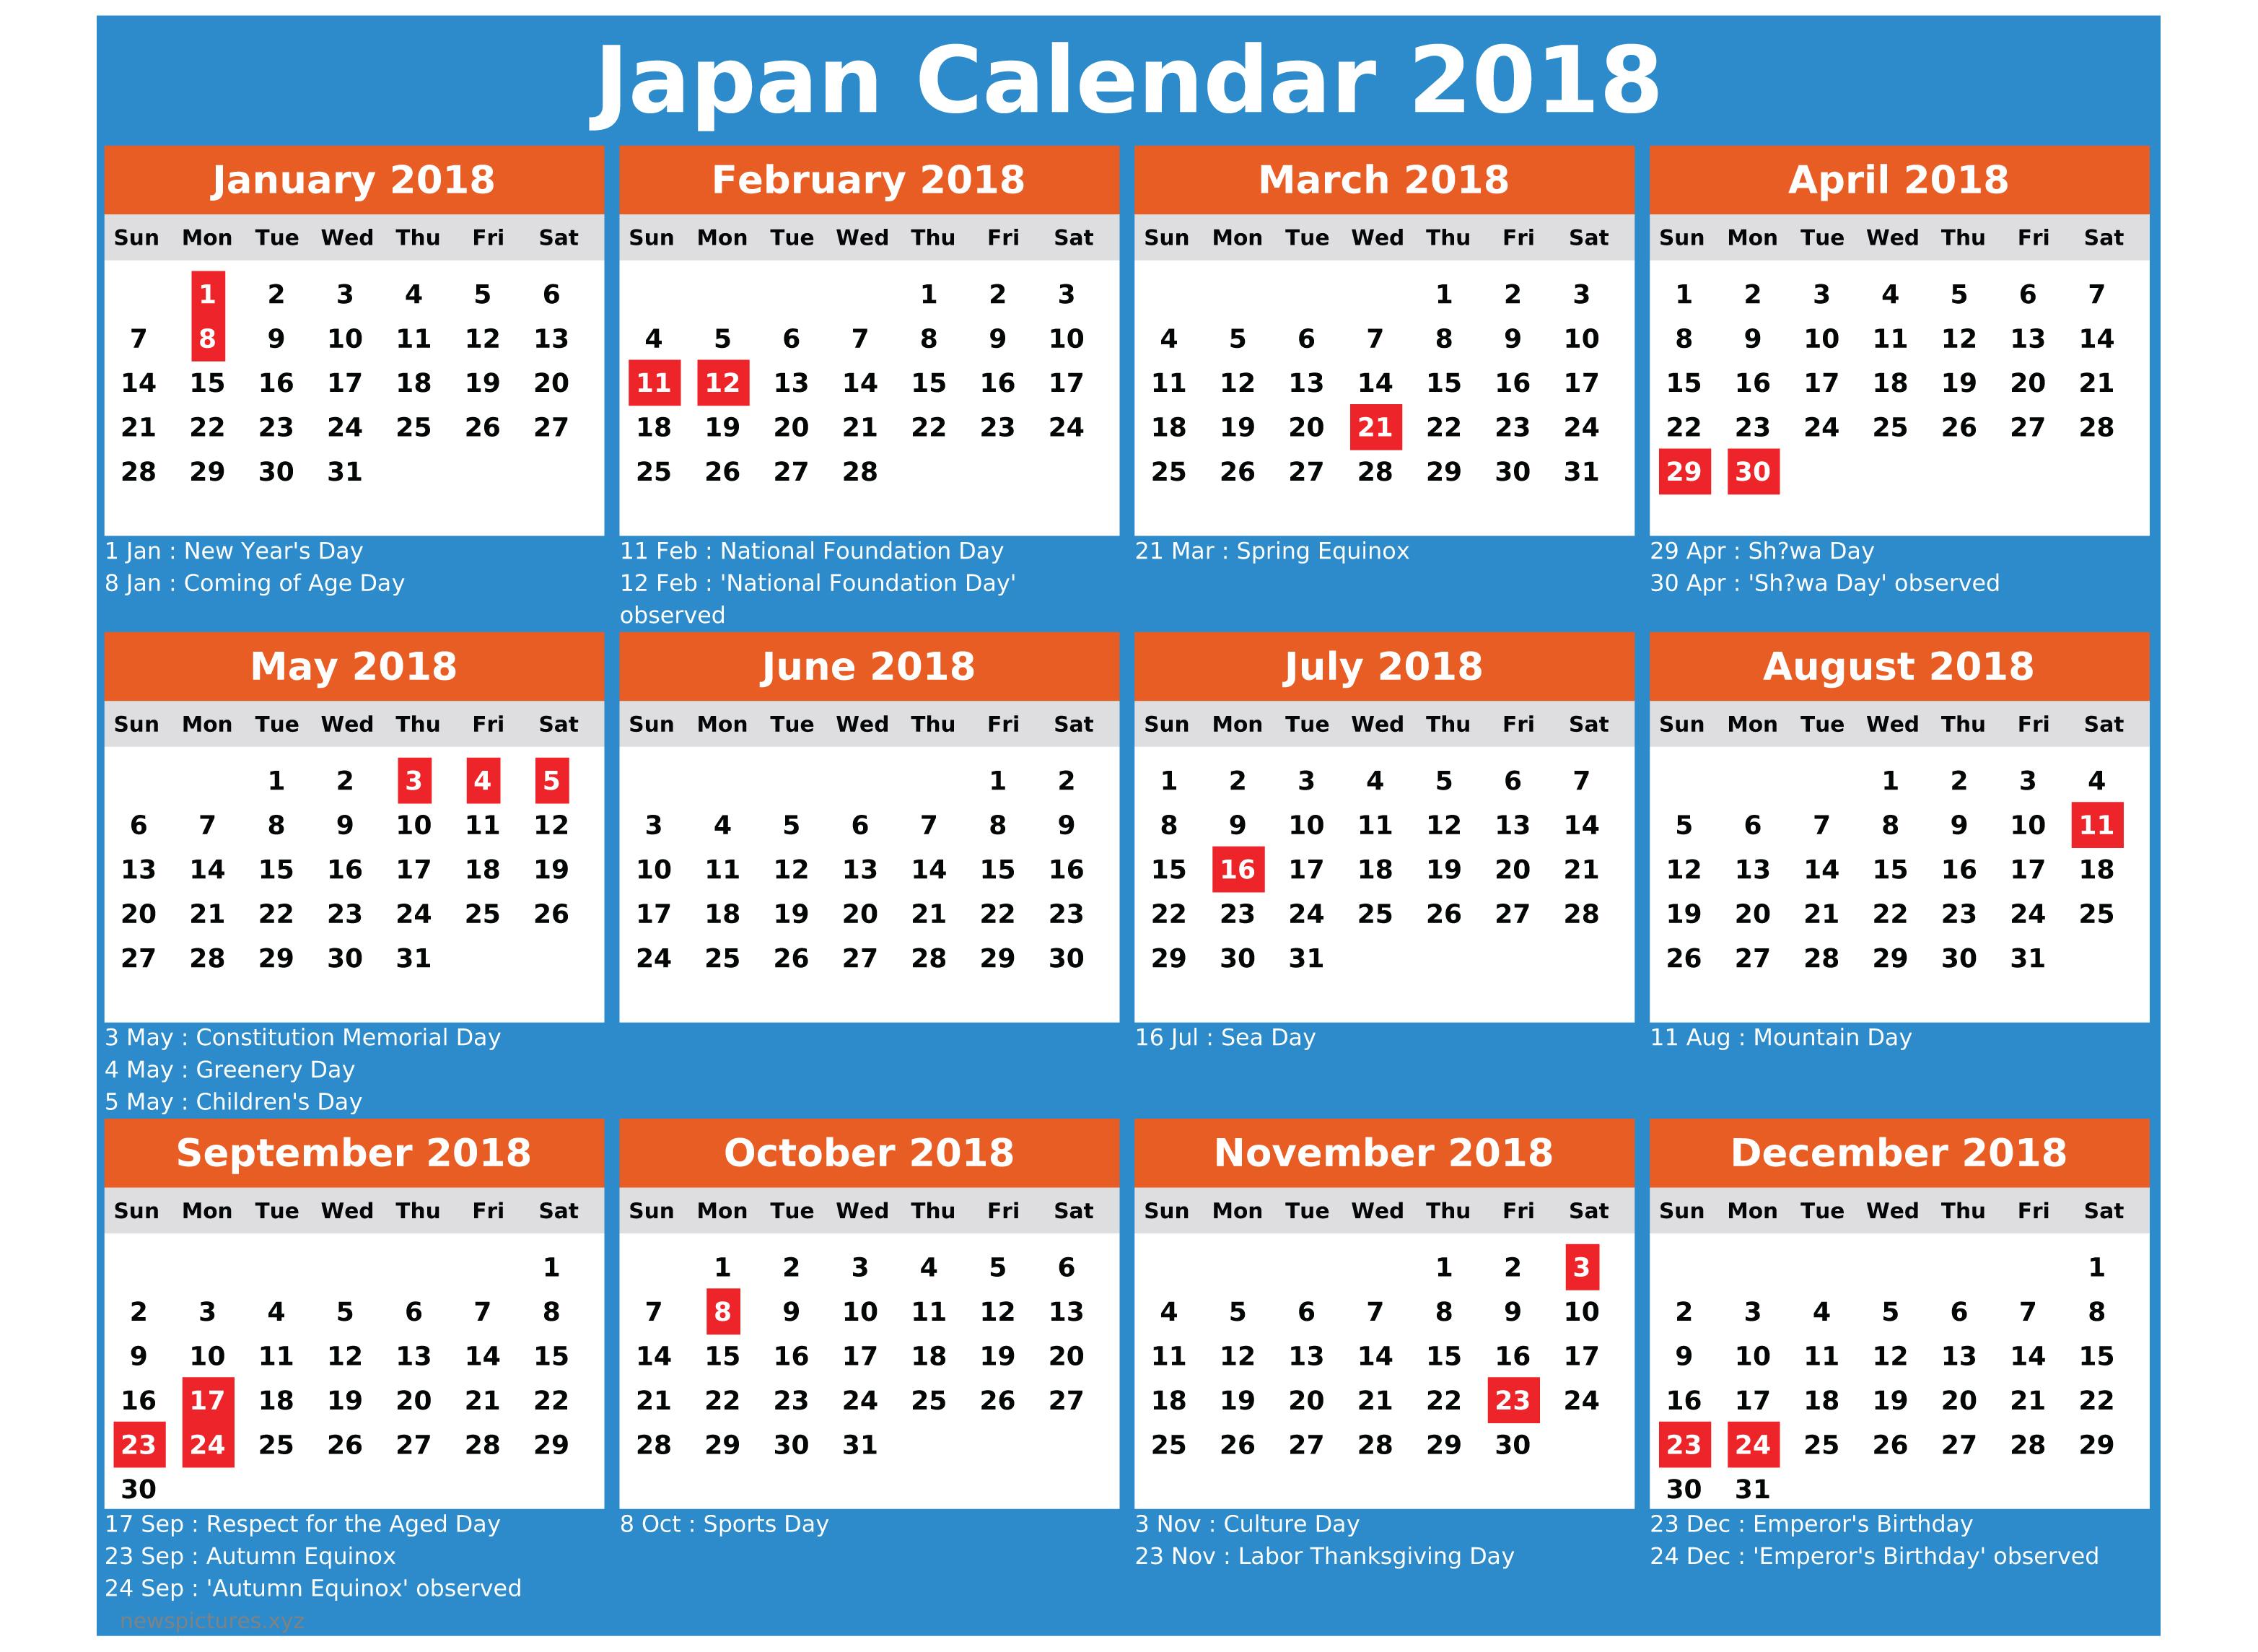 Japanese School Year Calendar : カレンダーを無料でダウンロードできます カレンダーを無料でダウンロード